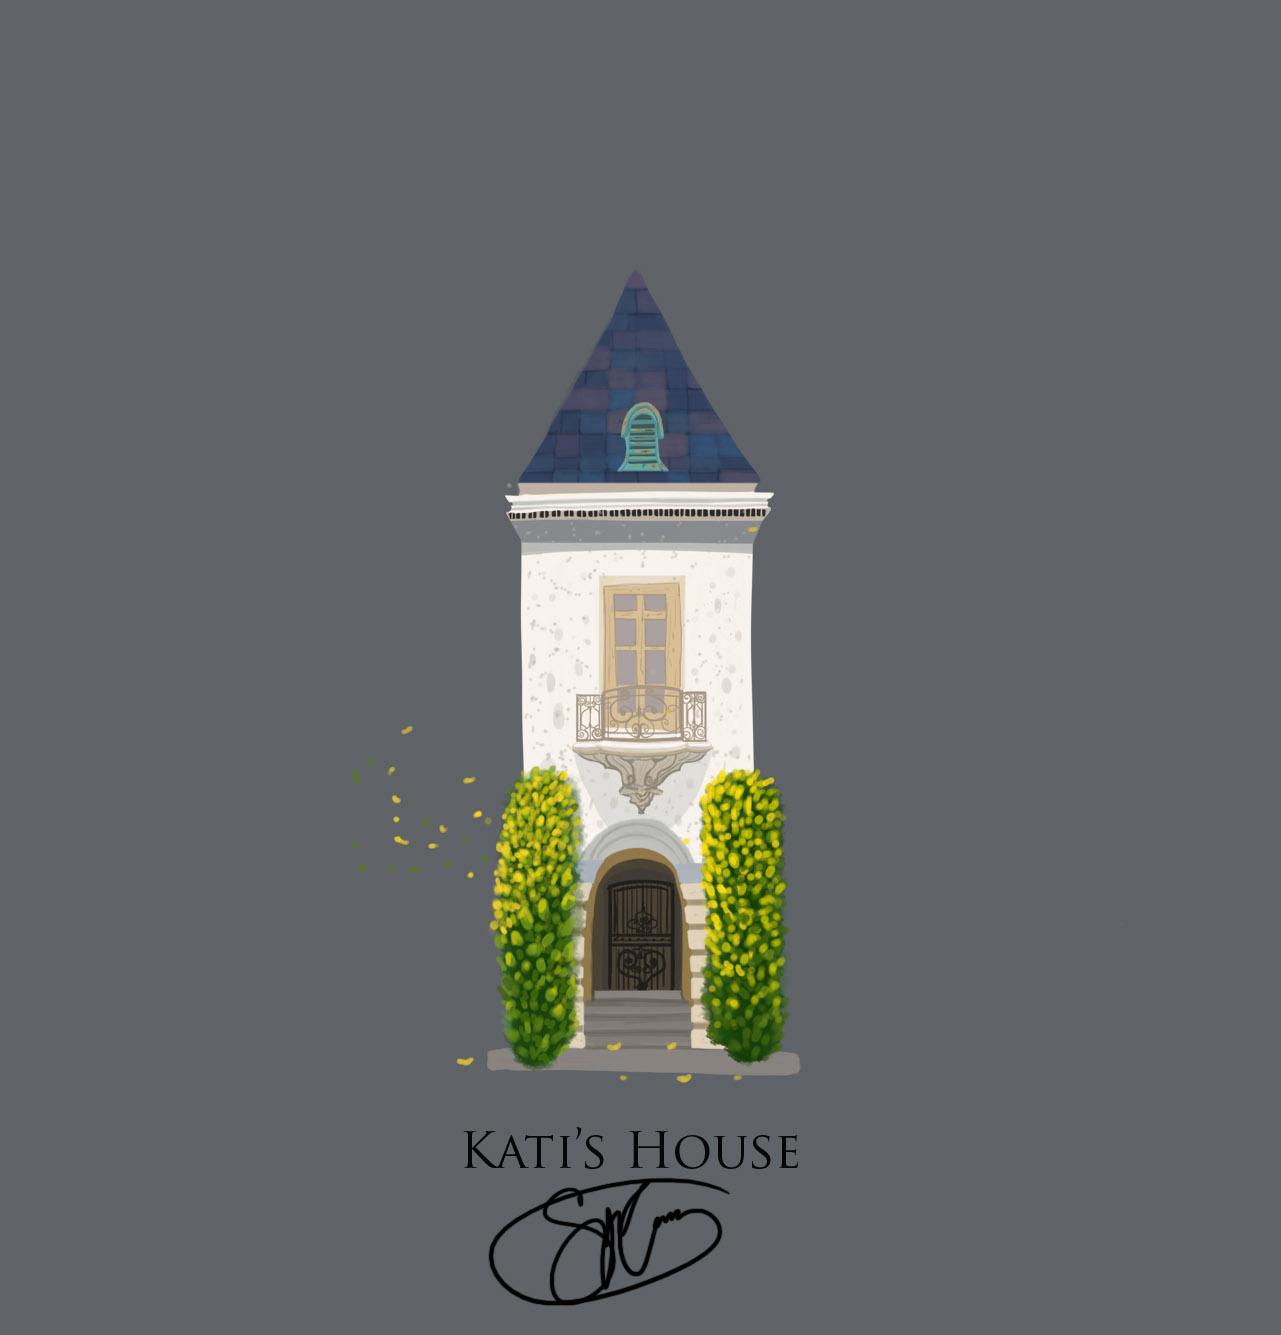 kati house.jpg